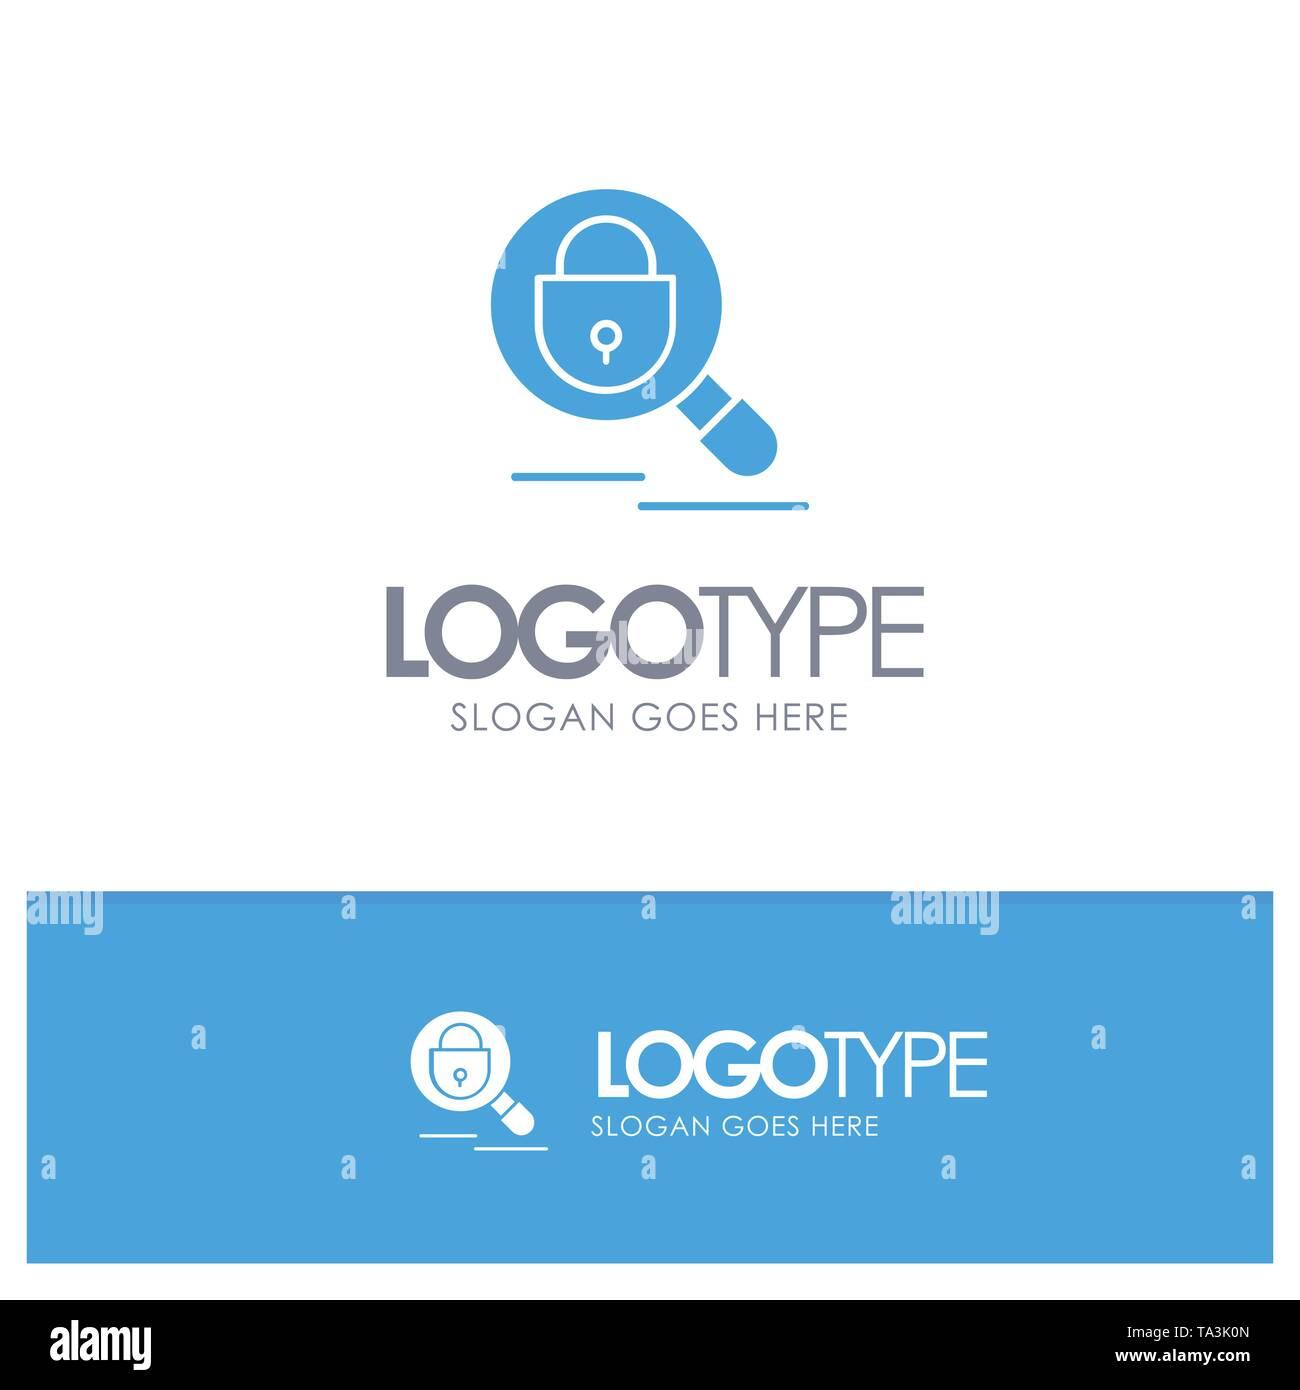 Suchen, Recherchieren, Schloss, Internet Blue Solid Logo mit Slogan Stockbild